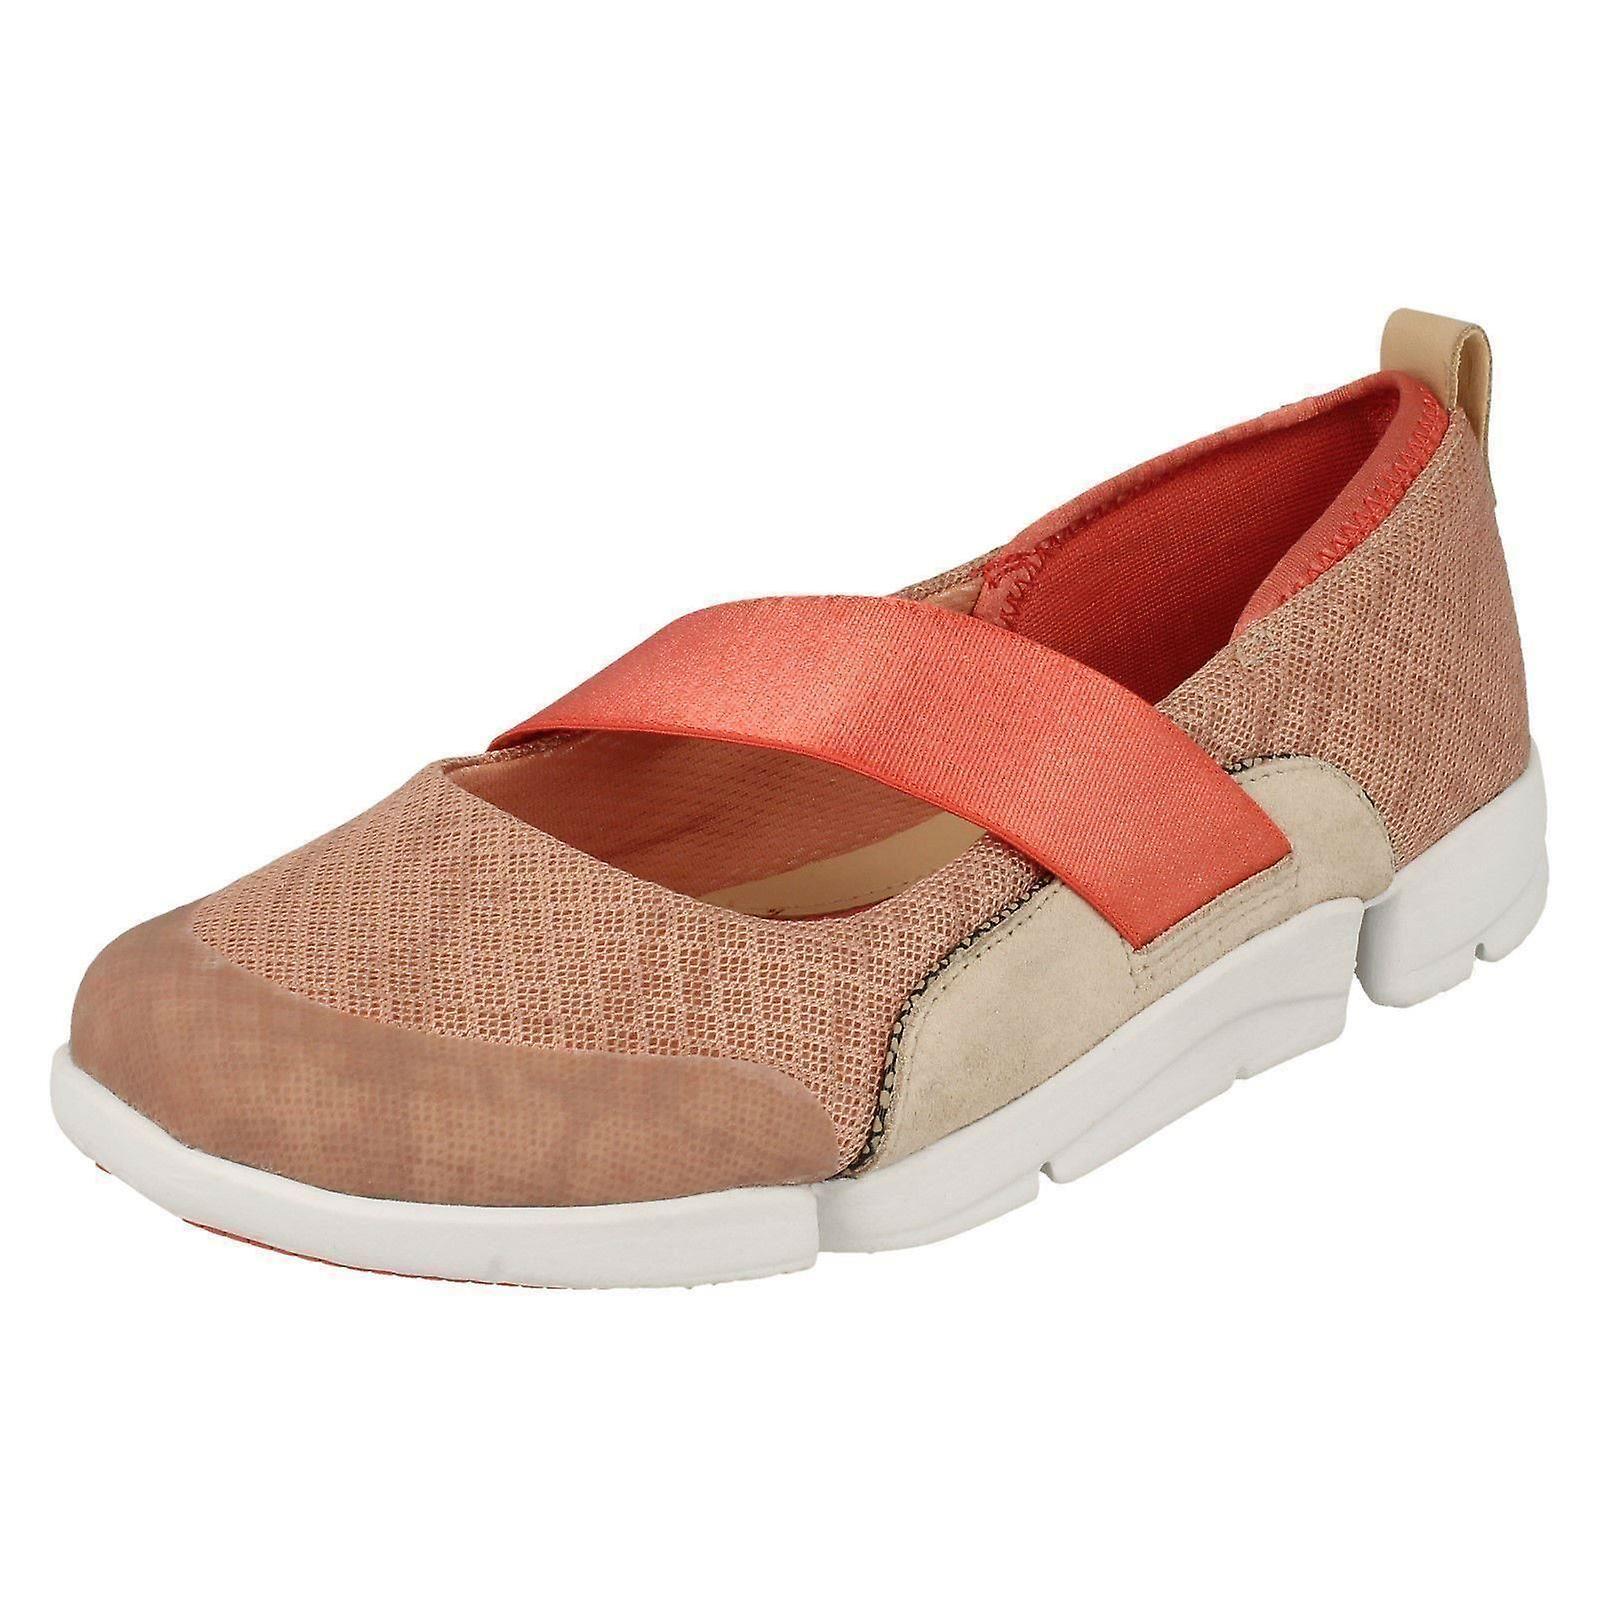 Panie Clarks moda Casual sportowe buty Tri Allie mbDvM